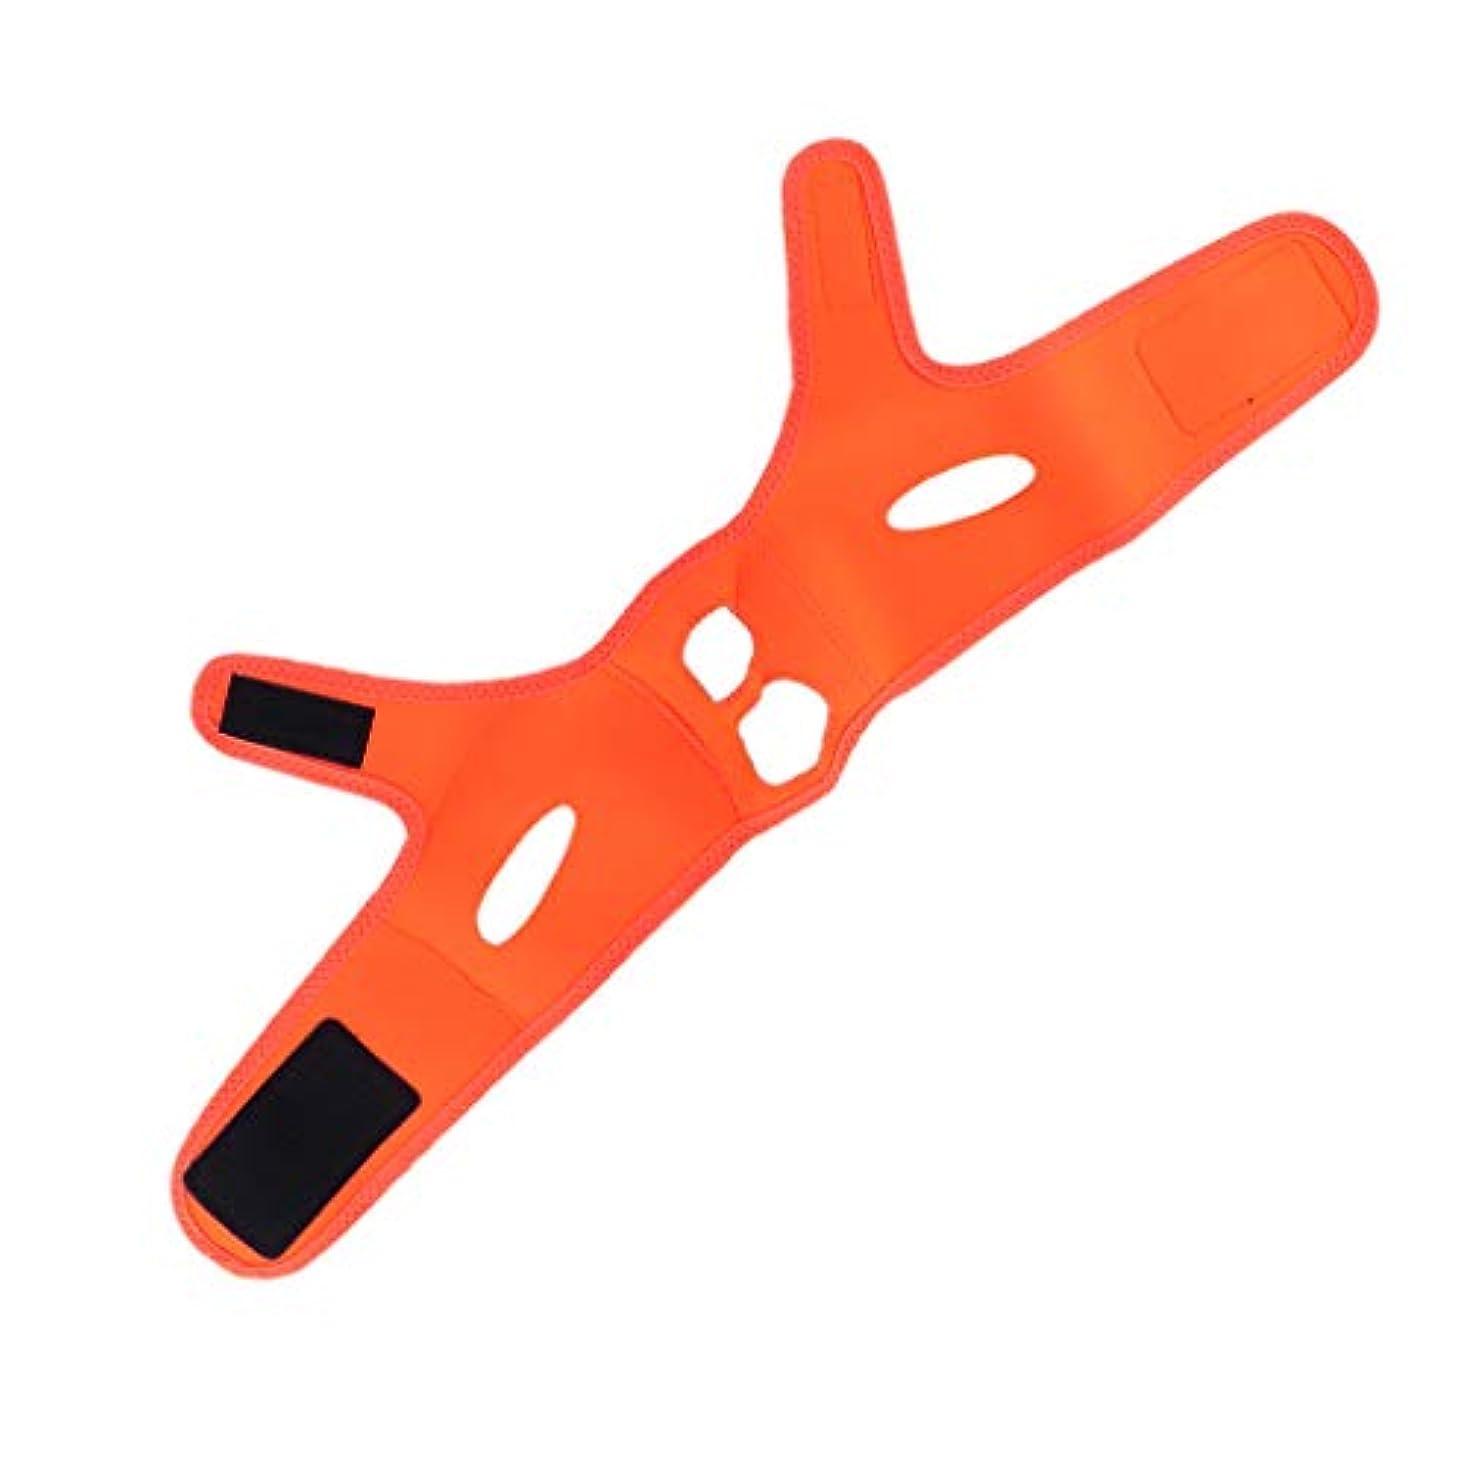 滑り台ローン適度にdailymall 弾性フェイスチンシェイパーストラップベルトVラインフェイシャルネックリフティングツール - オレンジ